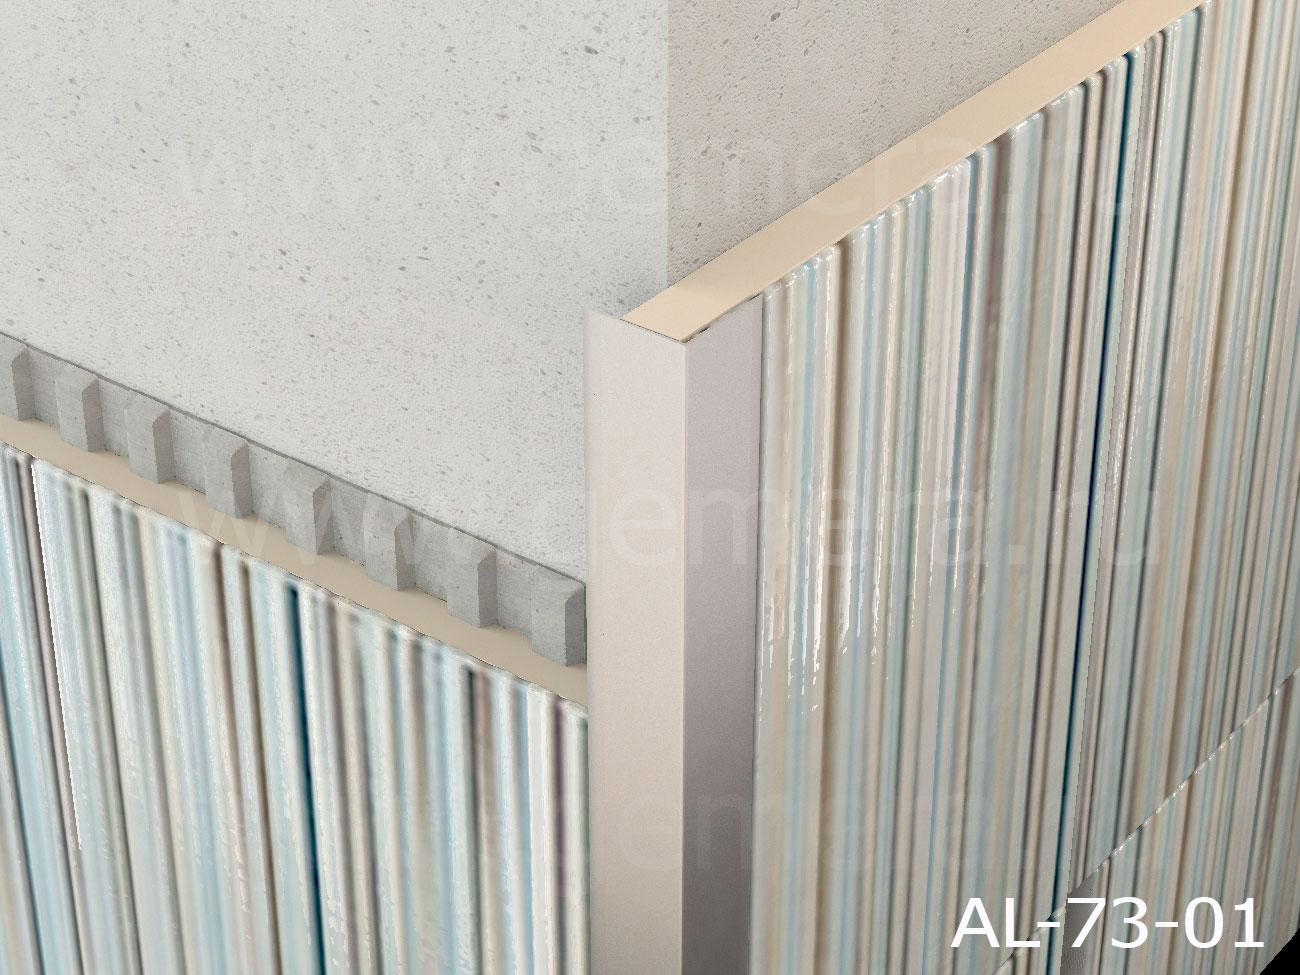 Уголок алюминиевый защитный Butun AL-73-01